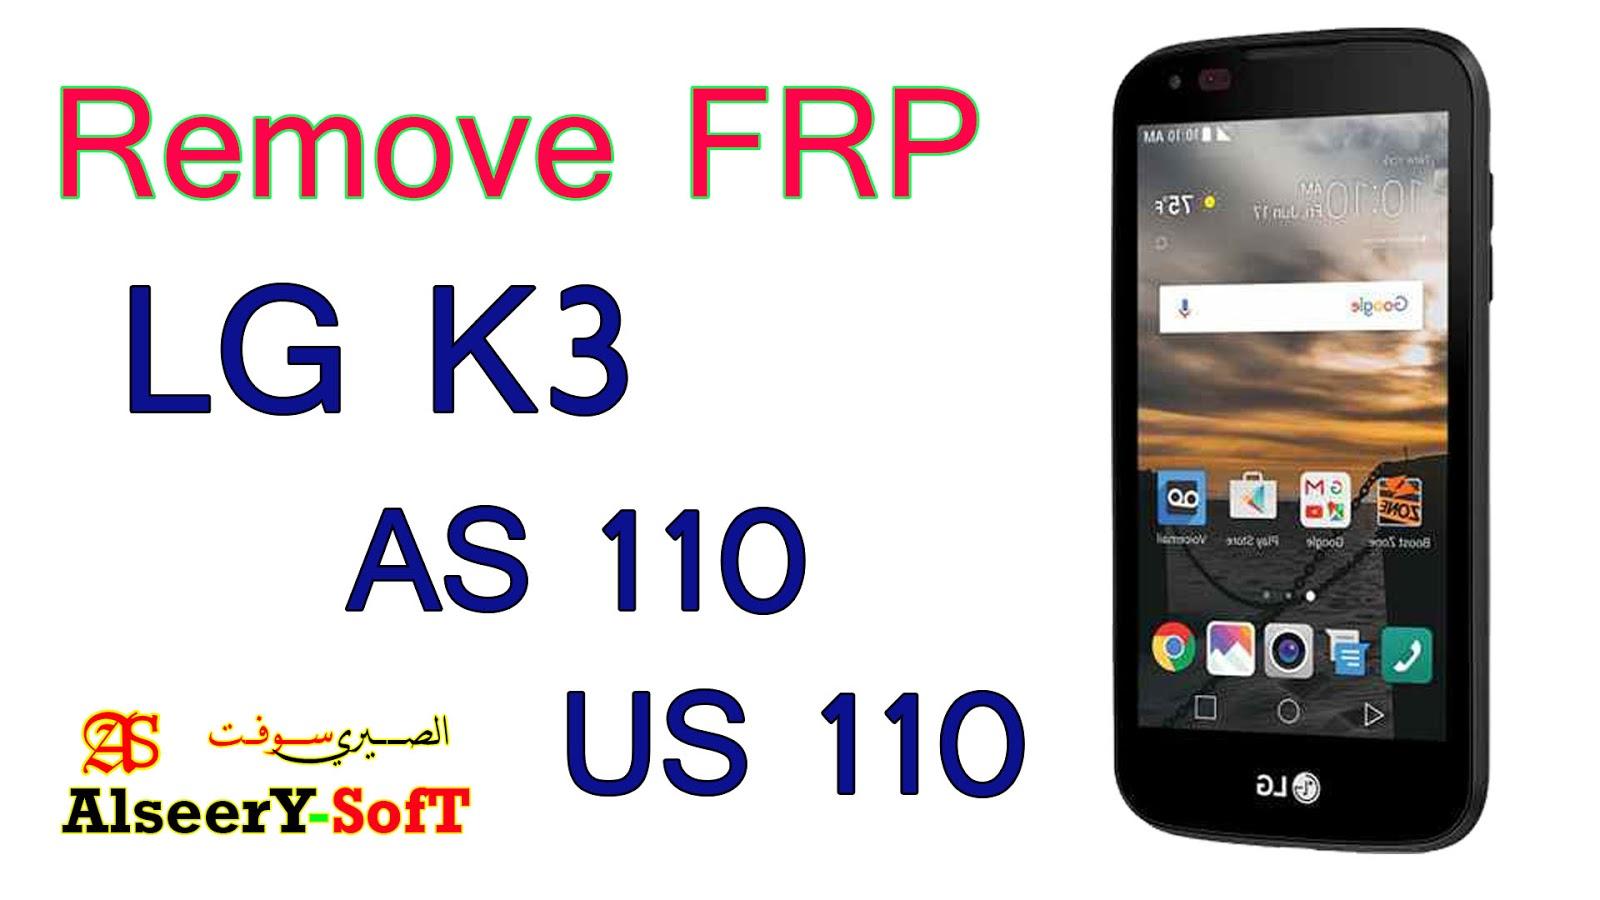 Bypass FRP LG AS 110 | US 110 | Google Account - AlseerY SofT